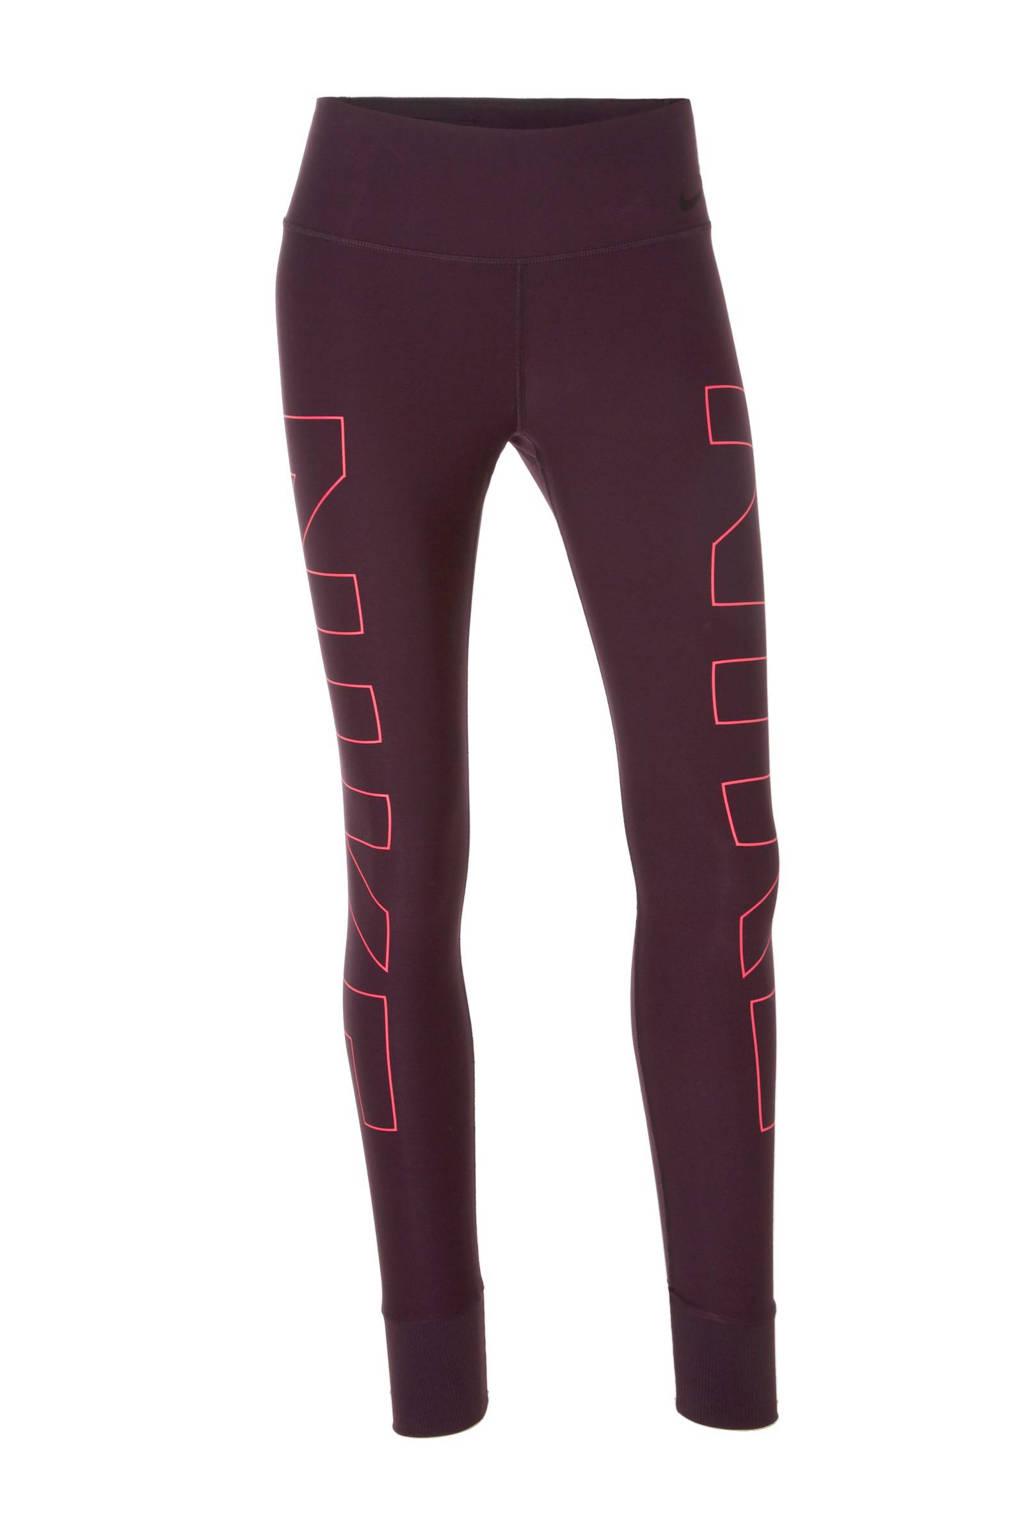 d5520a9eb65 Nike sportbroek, Donkerpaars/roze